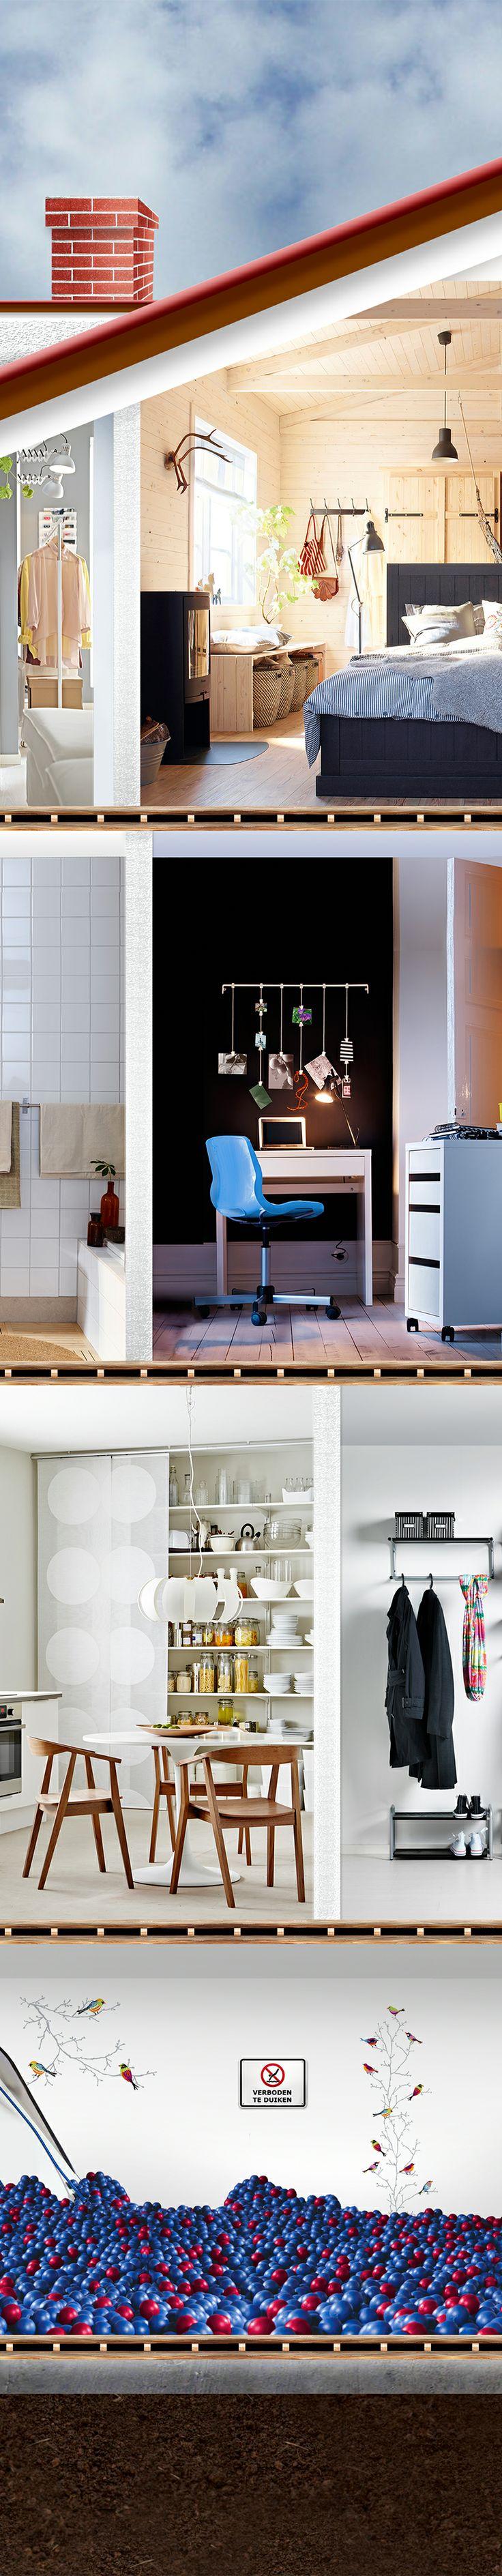 Yay! Ikea op Pinterest!   Hej! IKEA Nederland zit op Pinterest. Repin de pin met het Zweedse vlaggetje en maak kans op een IKEA cadeaupas ter waarde van 50.-. Deze actie loopt tot 17 februari. Volg ons en pin mee!